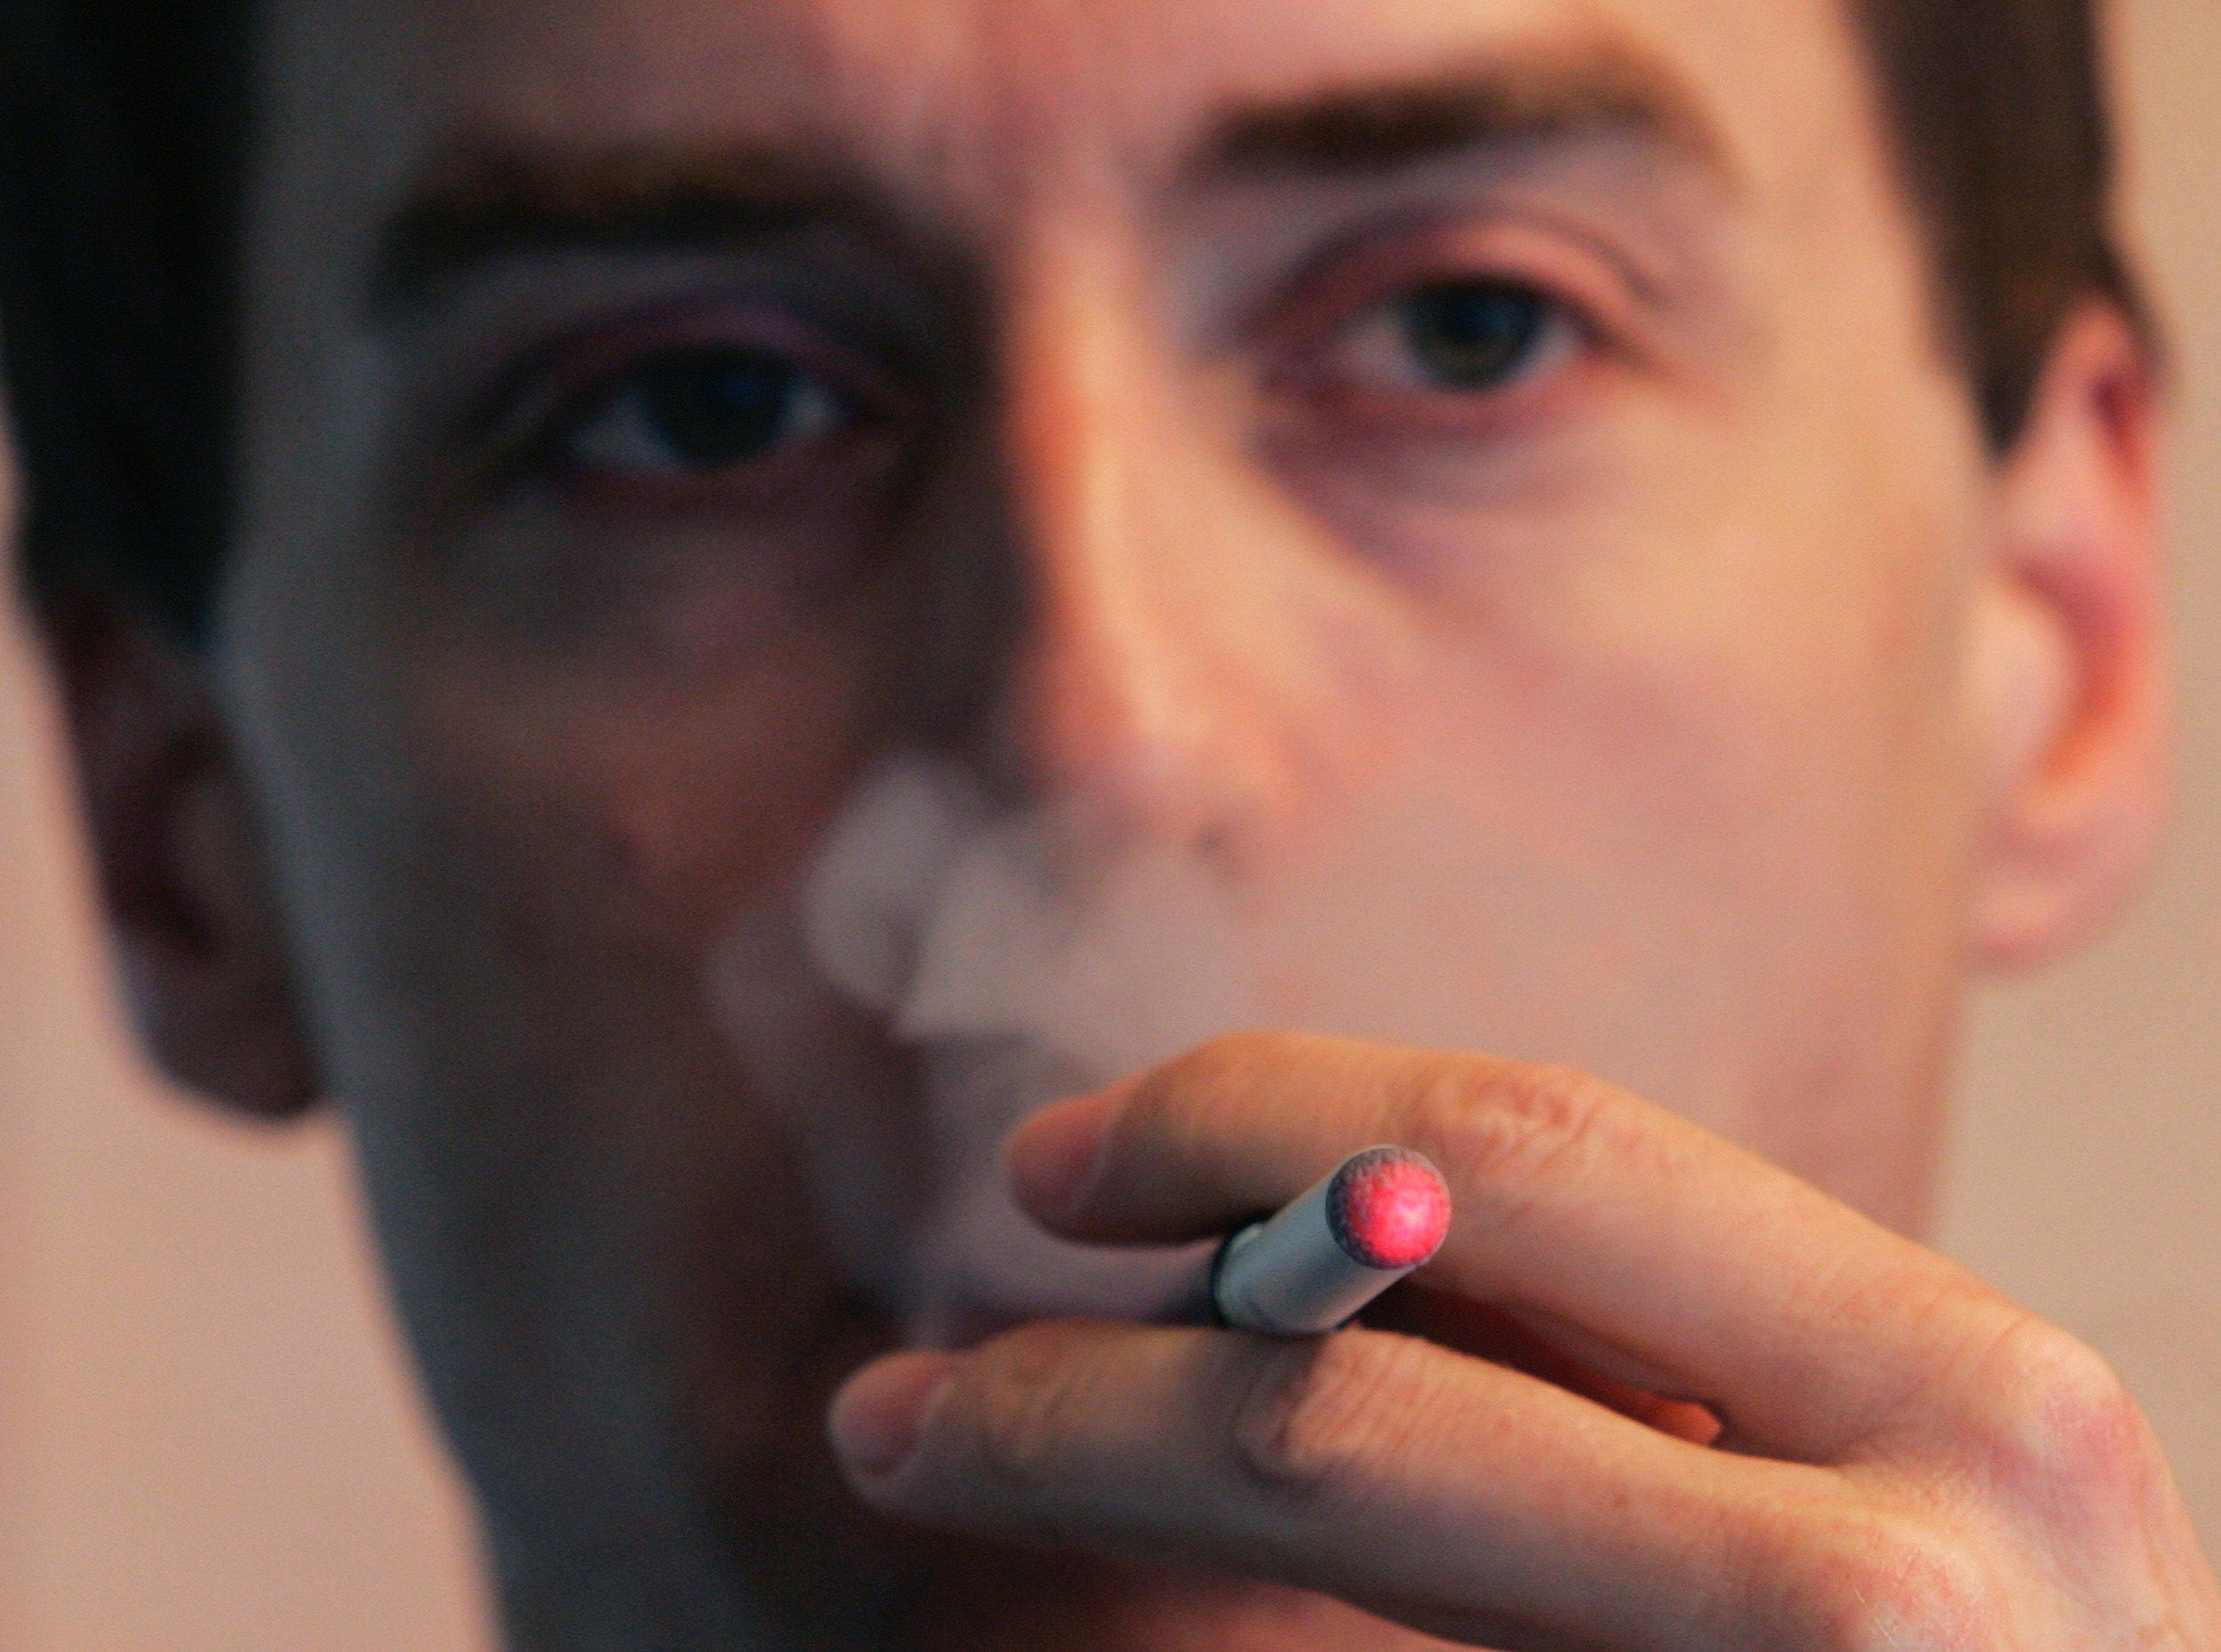 Los líquidos de los cigarrillos electrónicos podrían haber causado los problemas respiratorios en los estudiantes. (Foto: Reuters)